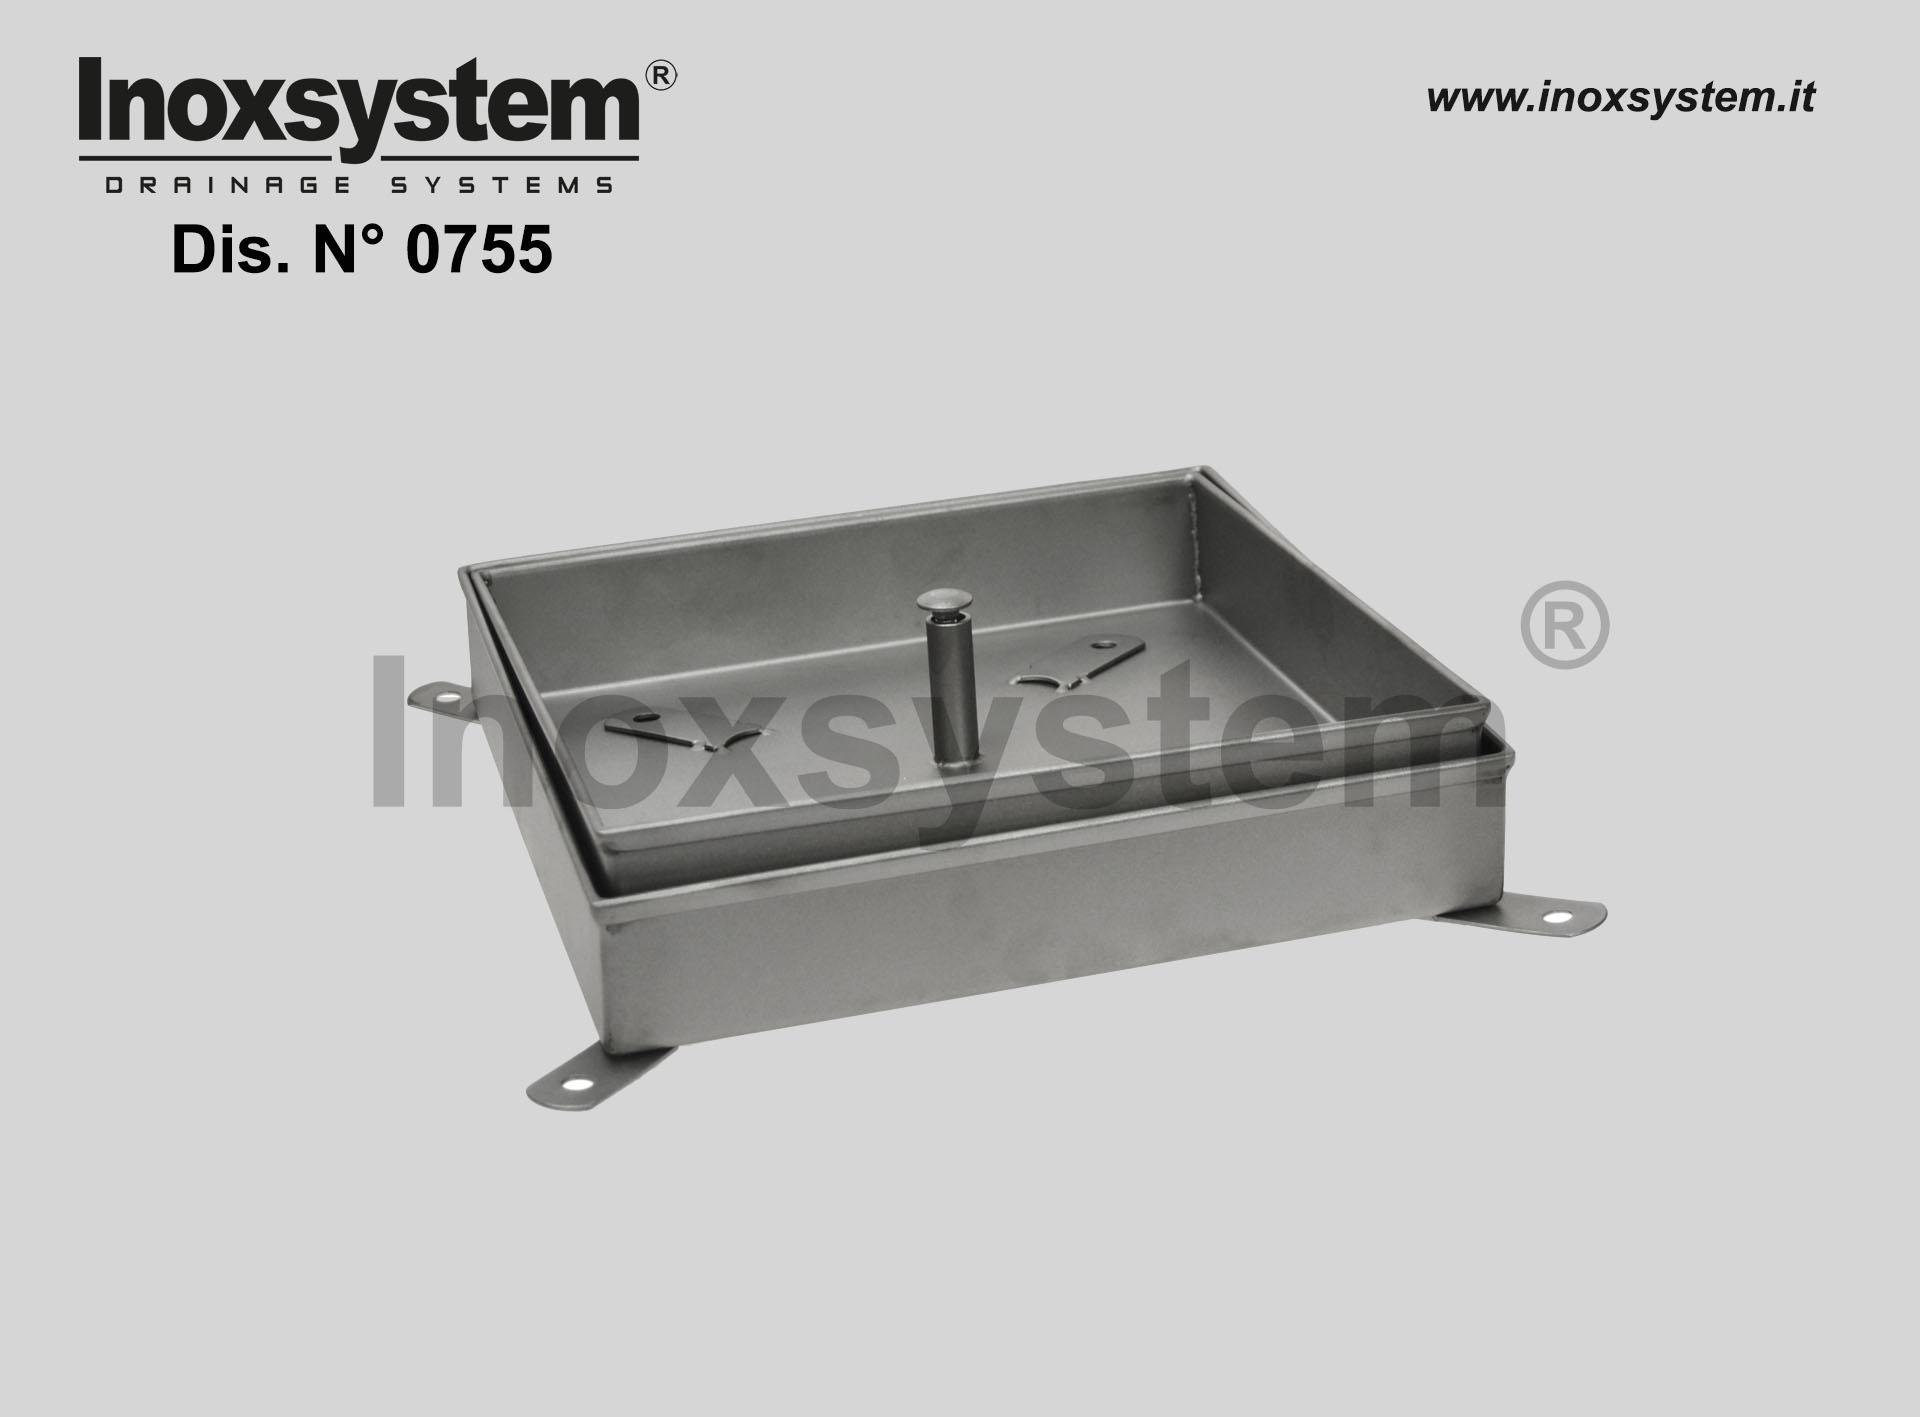 Chiusini di ispezione a riempimento con controtelaio in acciaio inox serie intermedia